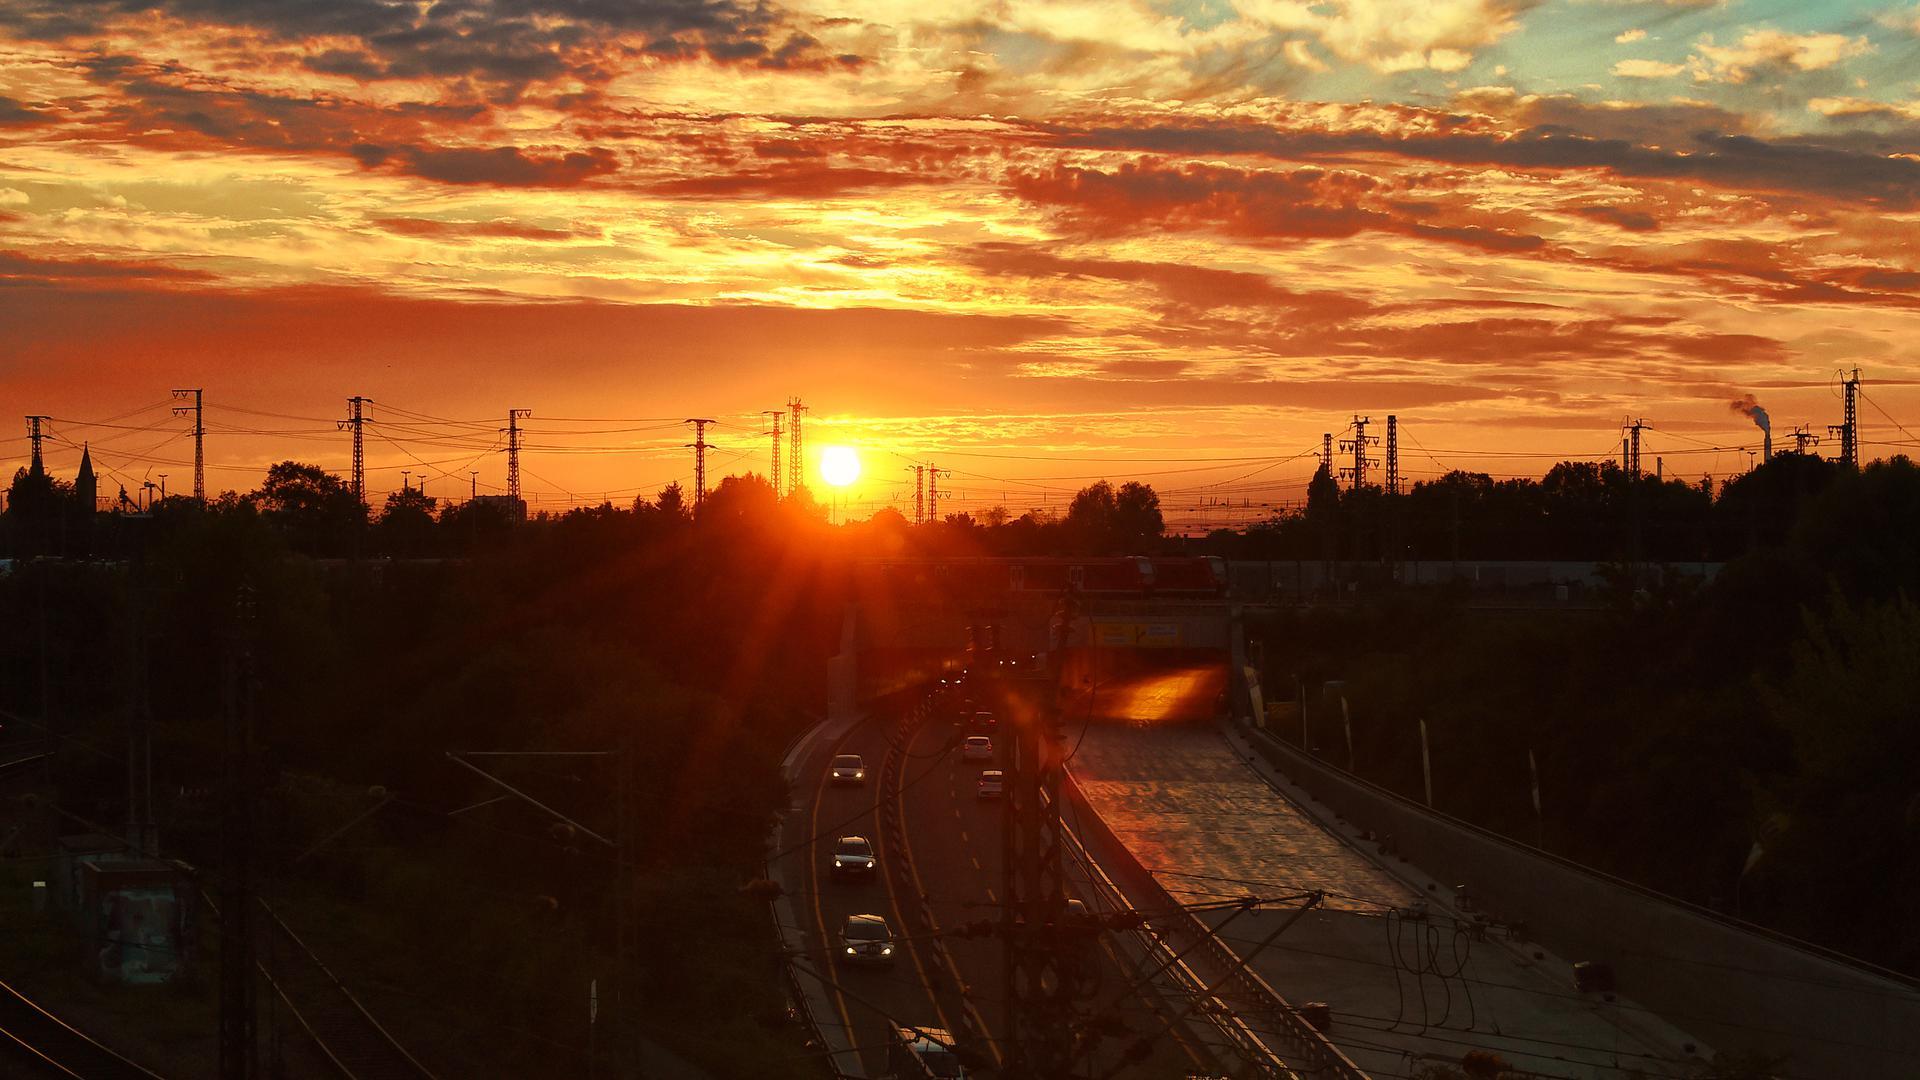 Auf der Weiherfeldbrücke kann man nicht nur Autos und Züge zählen, sondern auch den Sonnenuntergang bestaunen.